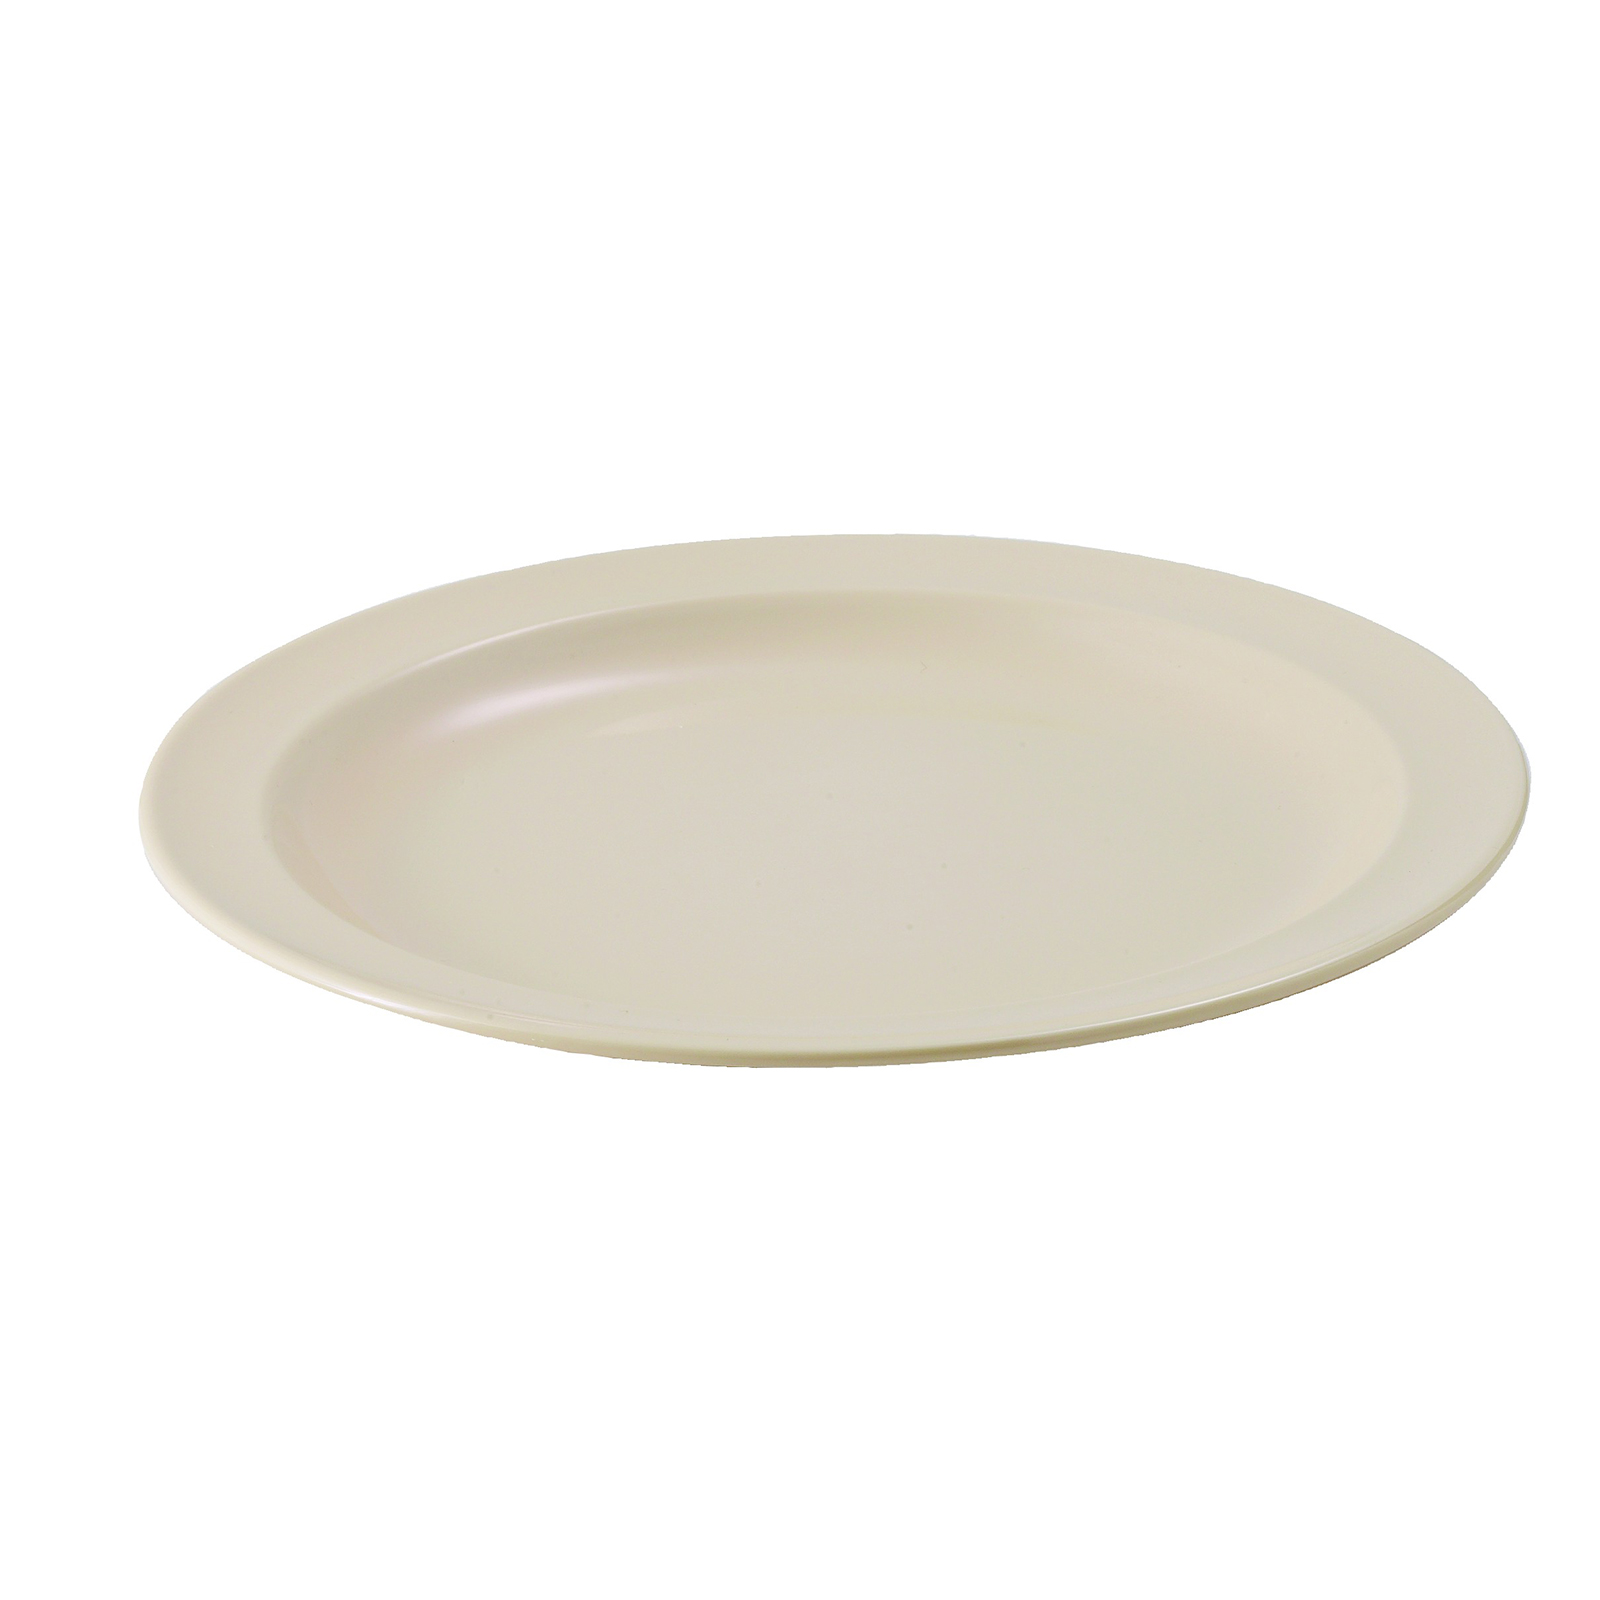 Winco MMPR-10 plate, plastic